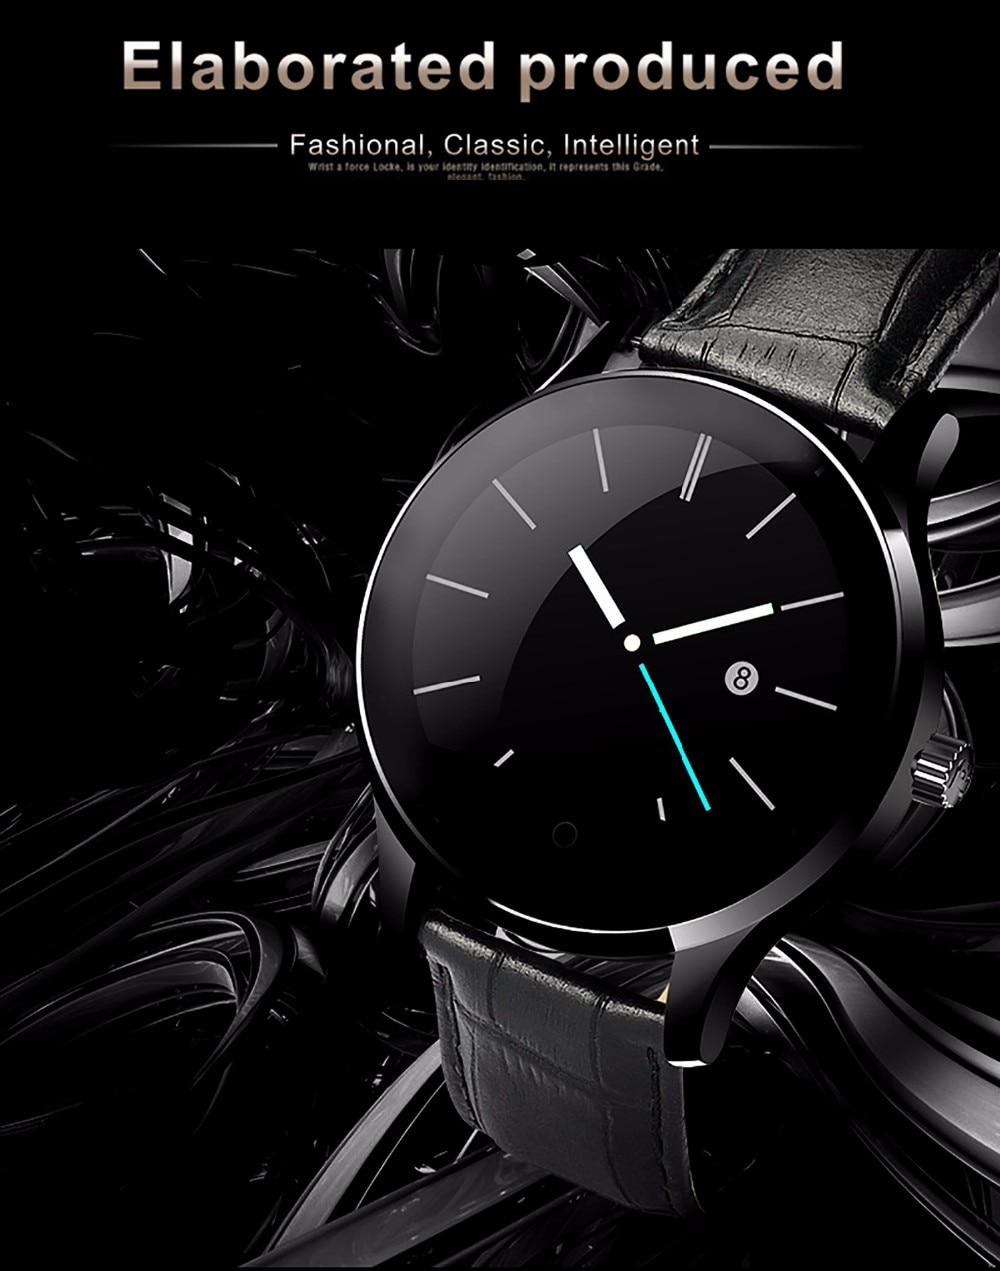 K88H Smart Watch IOS /Android Heart Rate Monitor K88H Smart Watch IOS /Android Heart Rate Monitor HTB1KZ19KpXXXXXHXFXXq6xXFXXXW